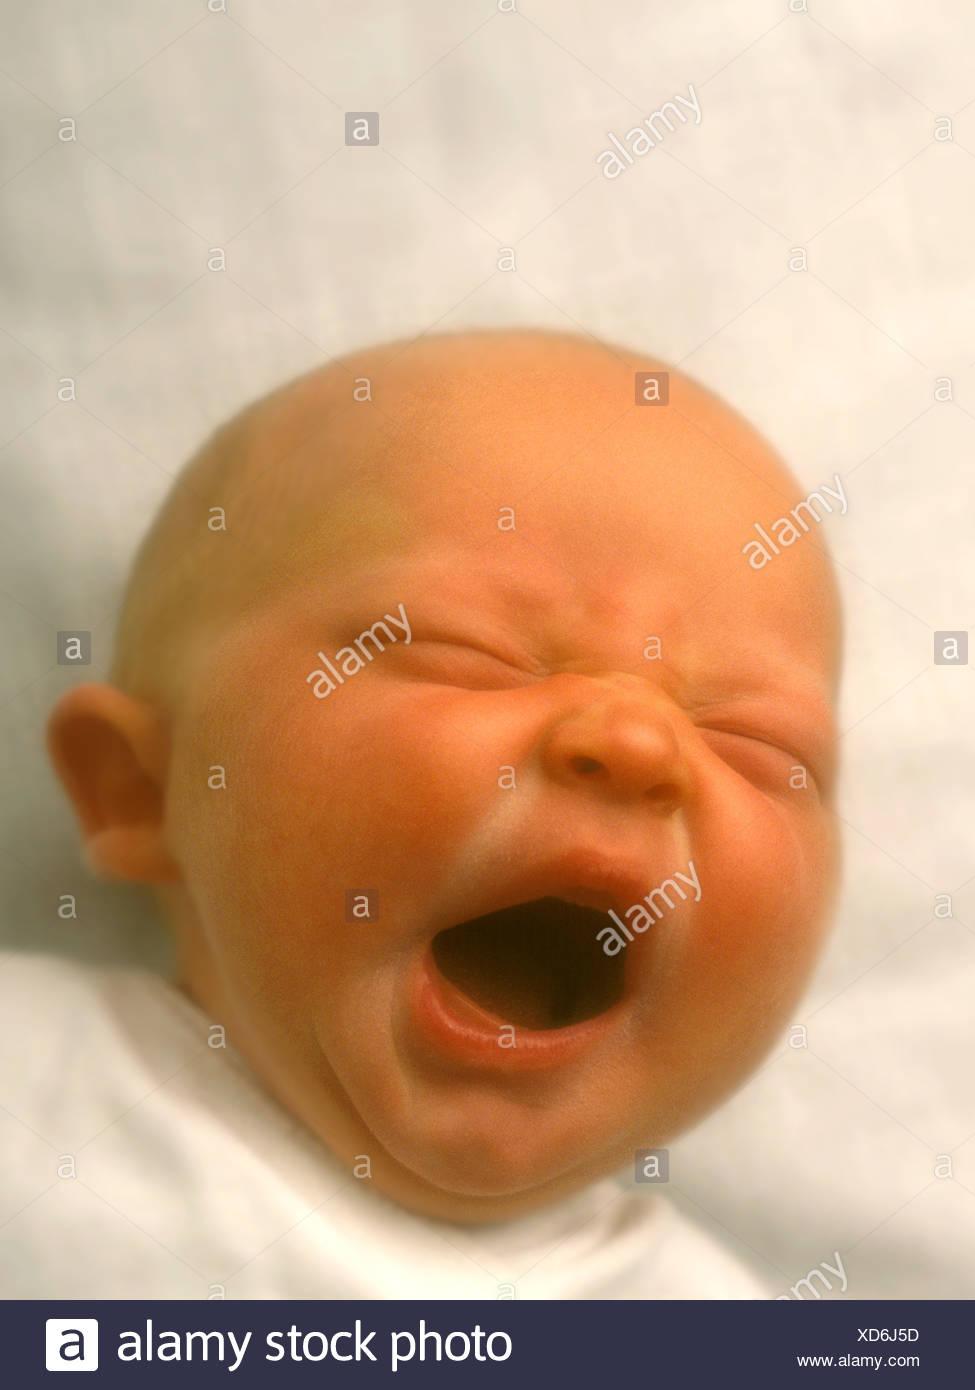 Newborn infant yawning and lying on white blanket - Stock Image